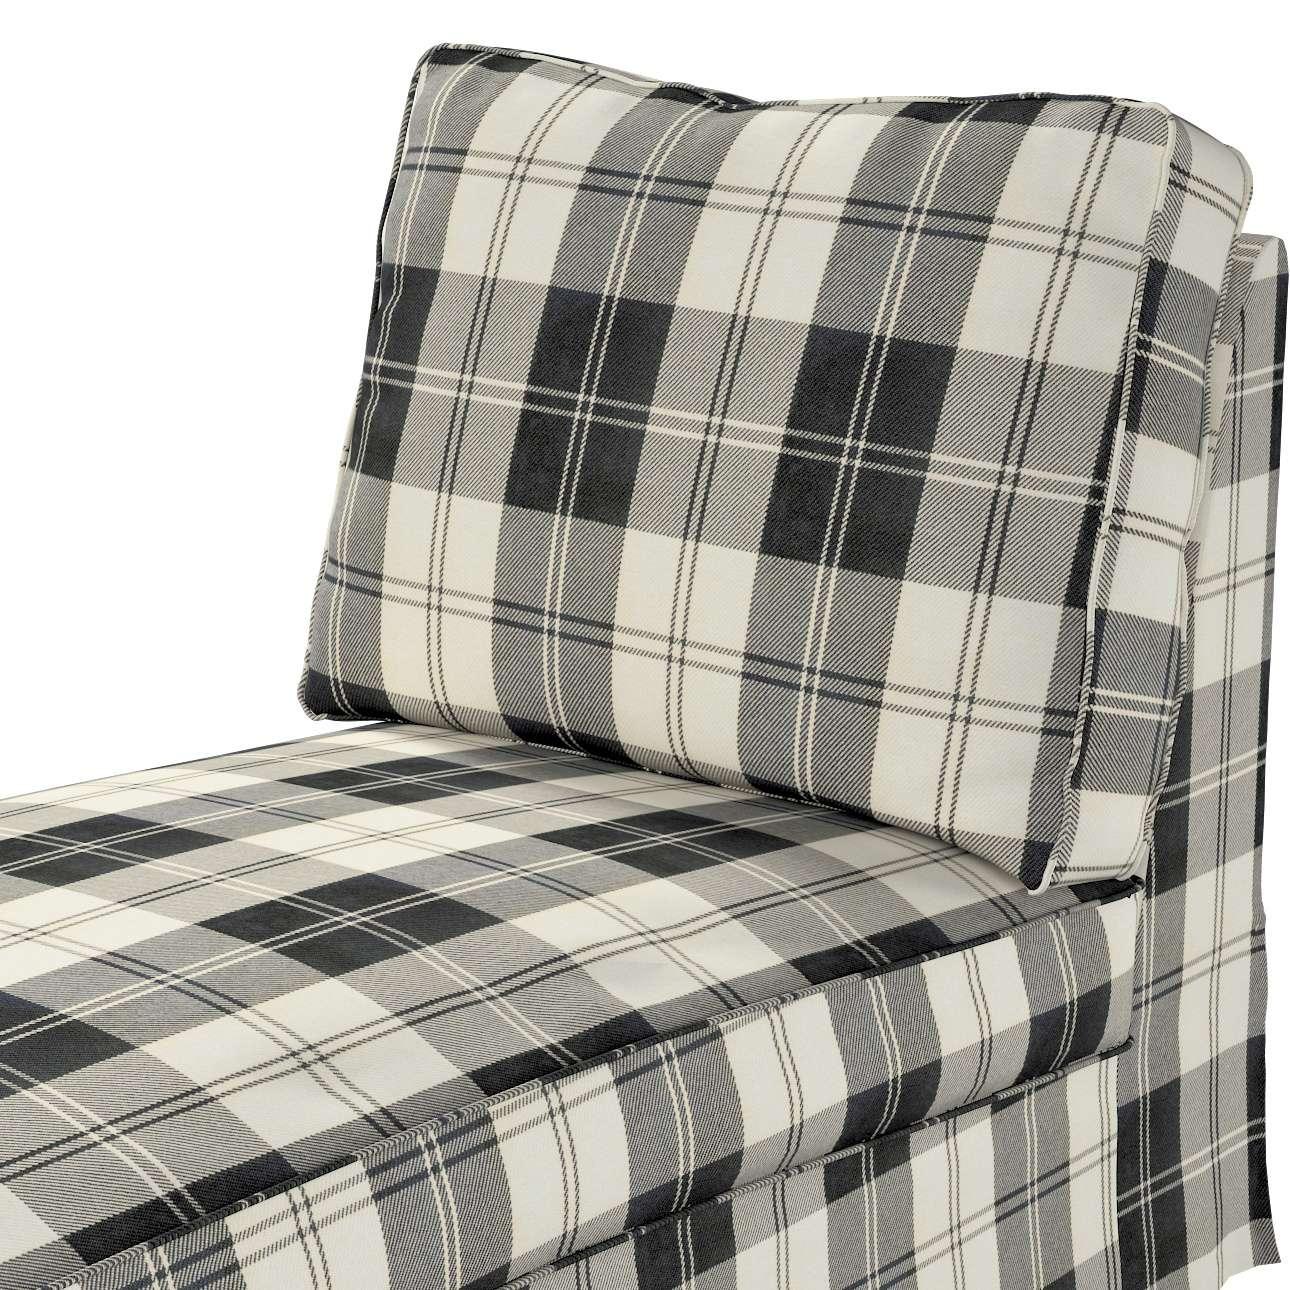 Pokrowiec na szezlong/ leżankę Ektorp wolnostojący prosty tył w kolekcji Edinburgh, tkanina: 115-74